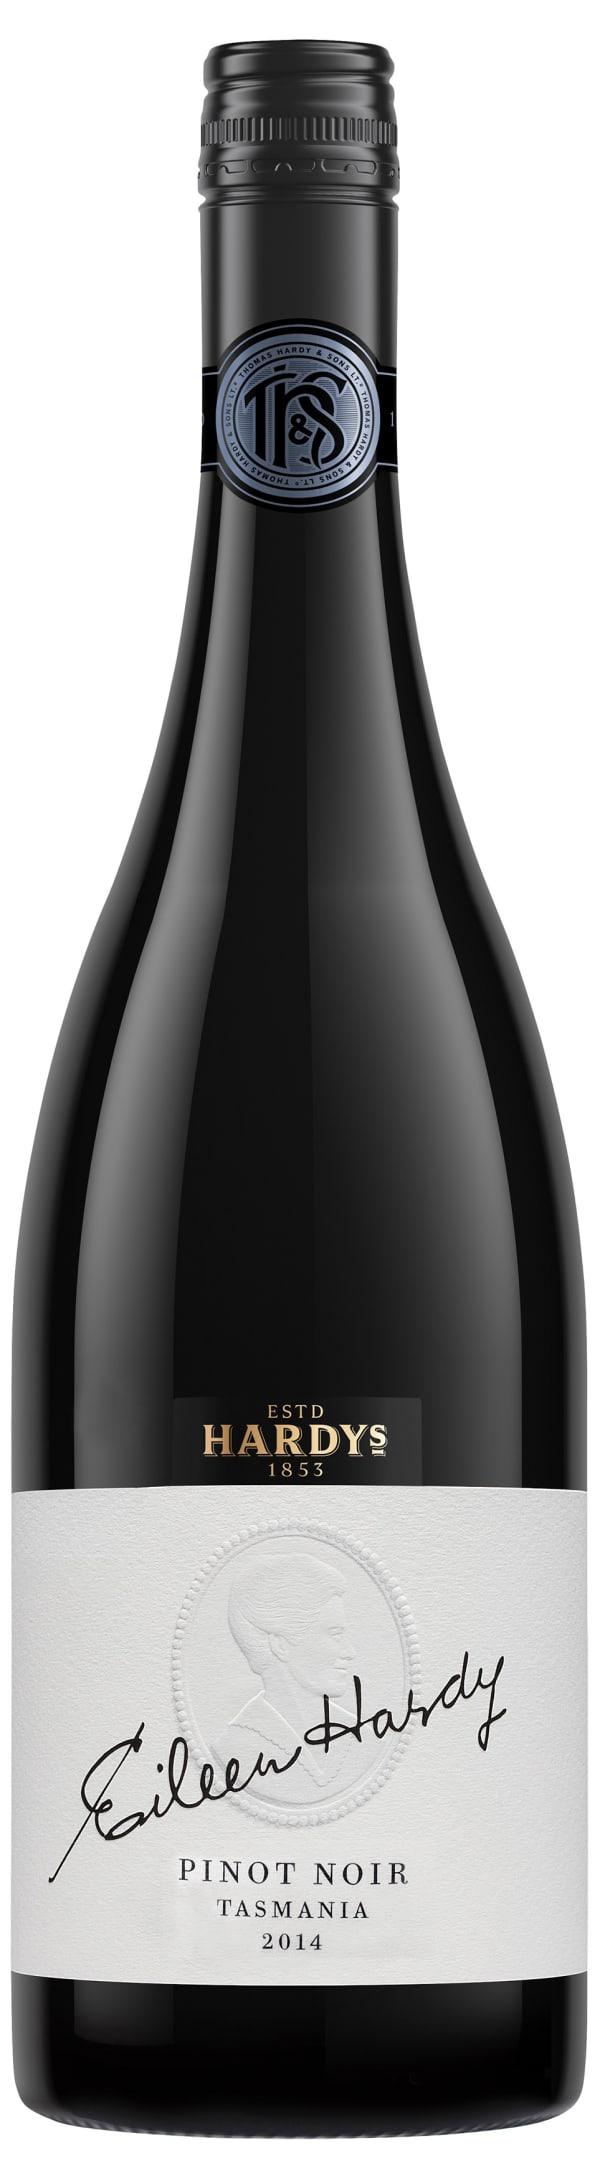 Hardy's Eileen Hardy Pinot Noir 2014